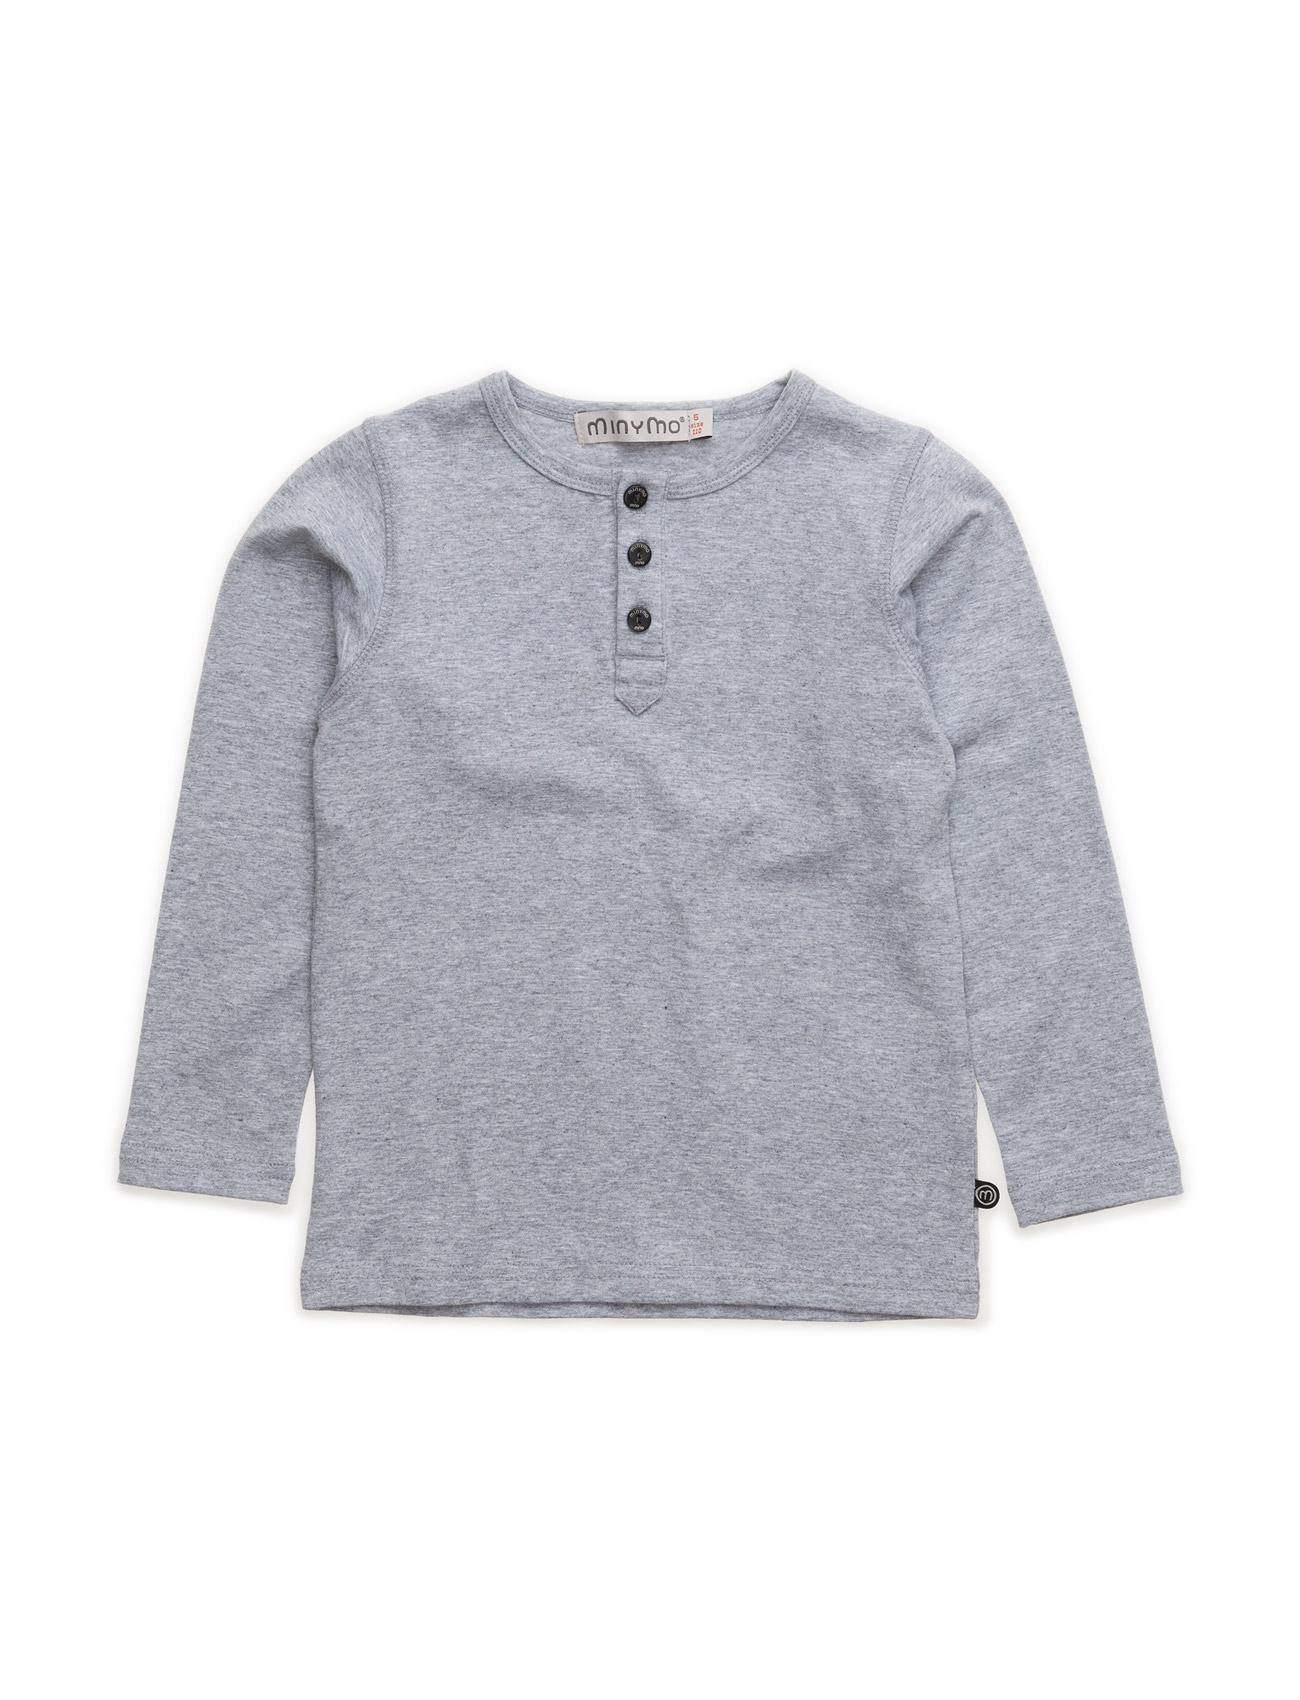 Basic Grandad T-Shirt Ls -Solid Minymo Langærmede t-shirts til Børn i Light Grey Melange